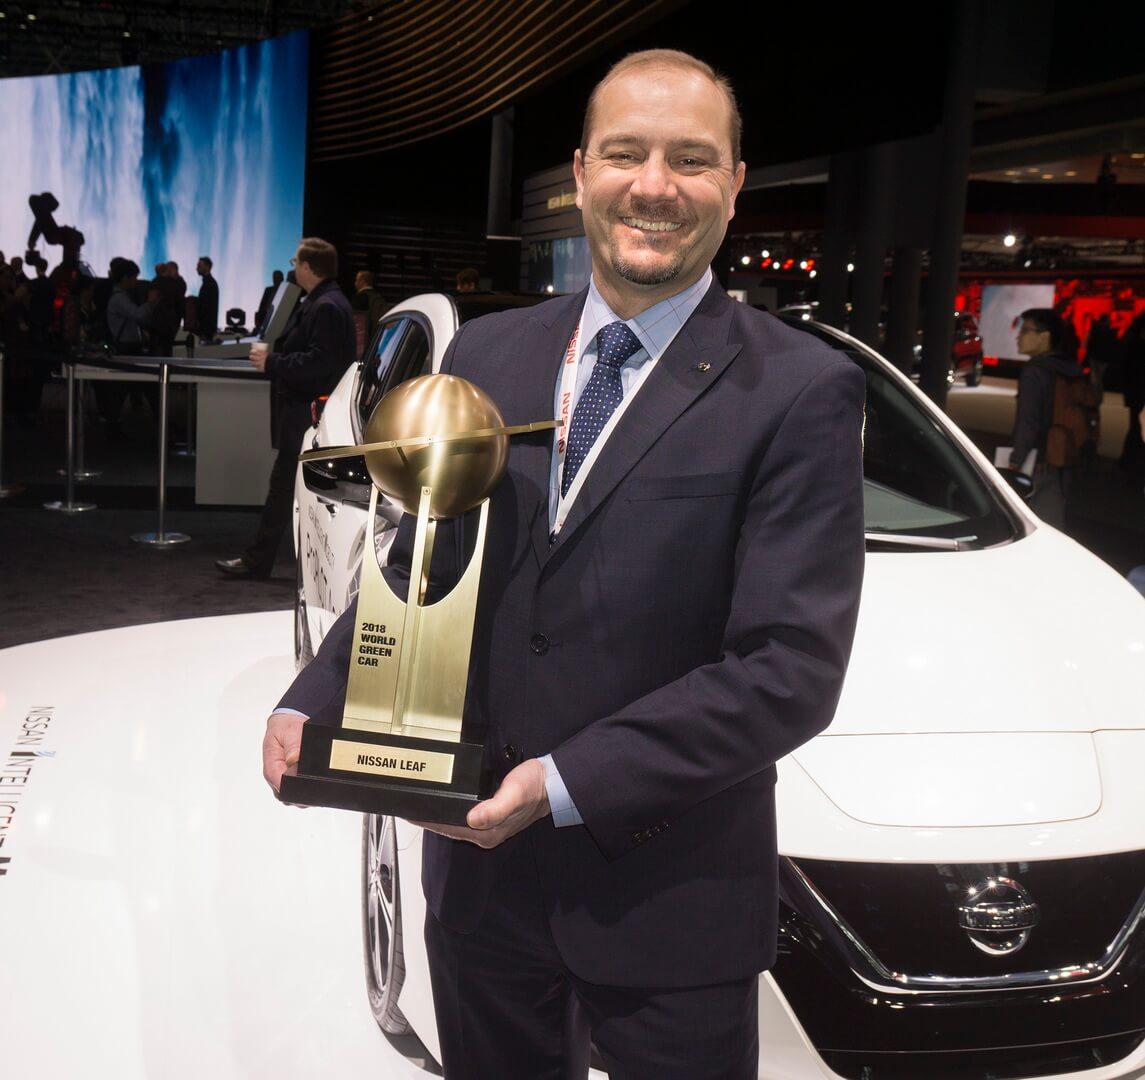 Nissan Leaf 2018 получил награду «Зеленый автомобиль 2018 года»